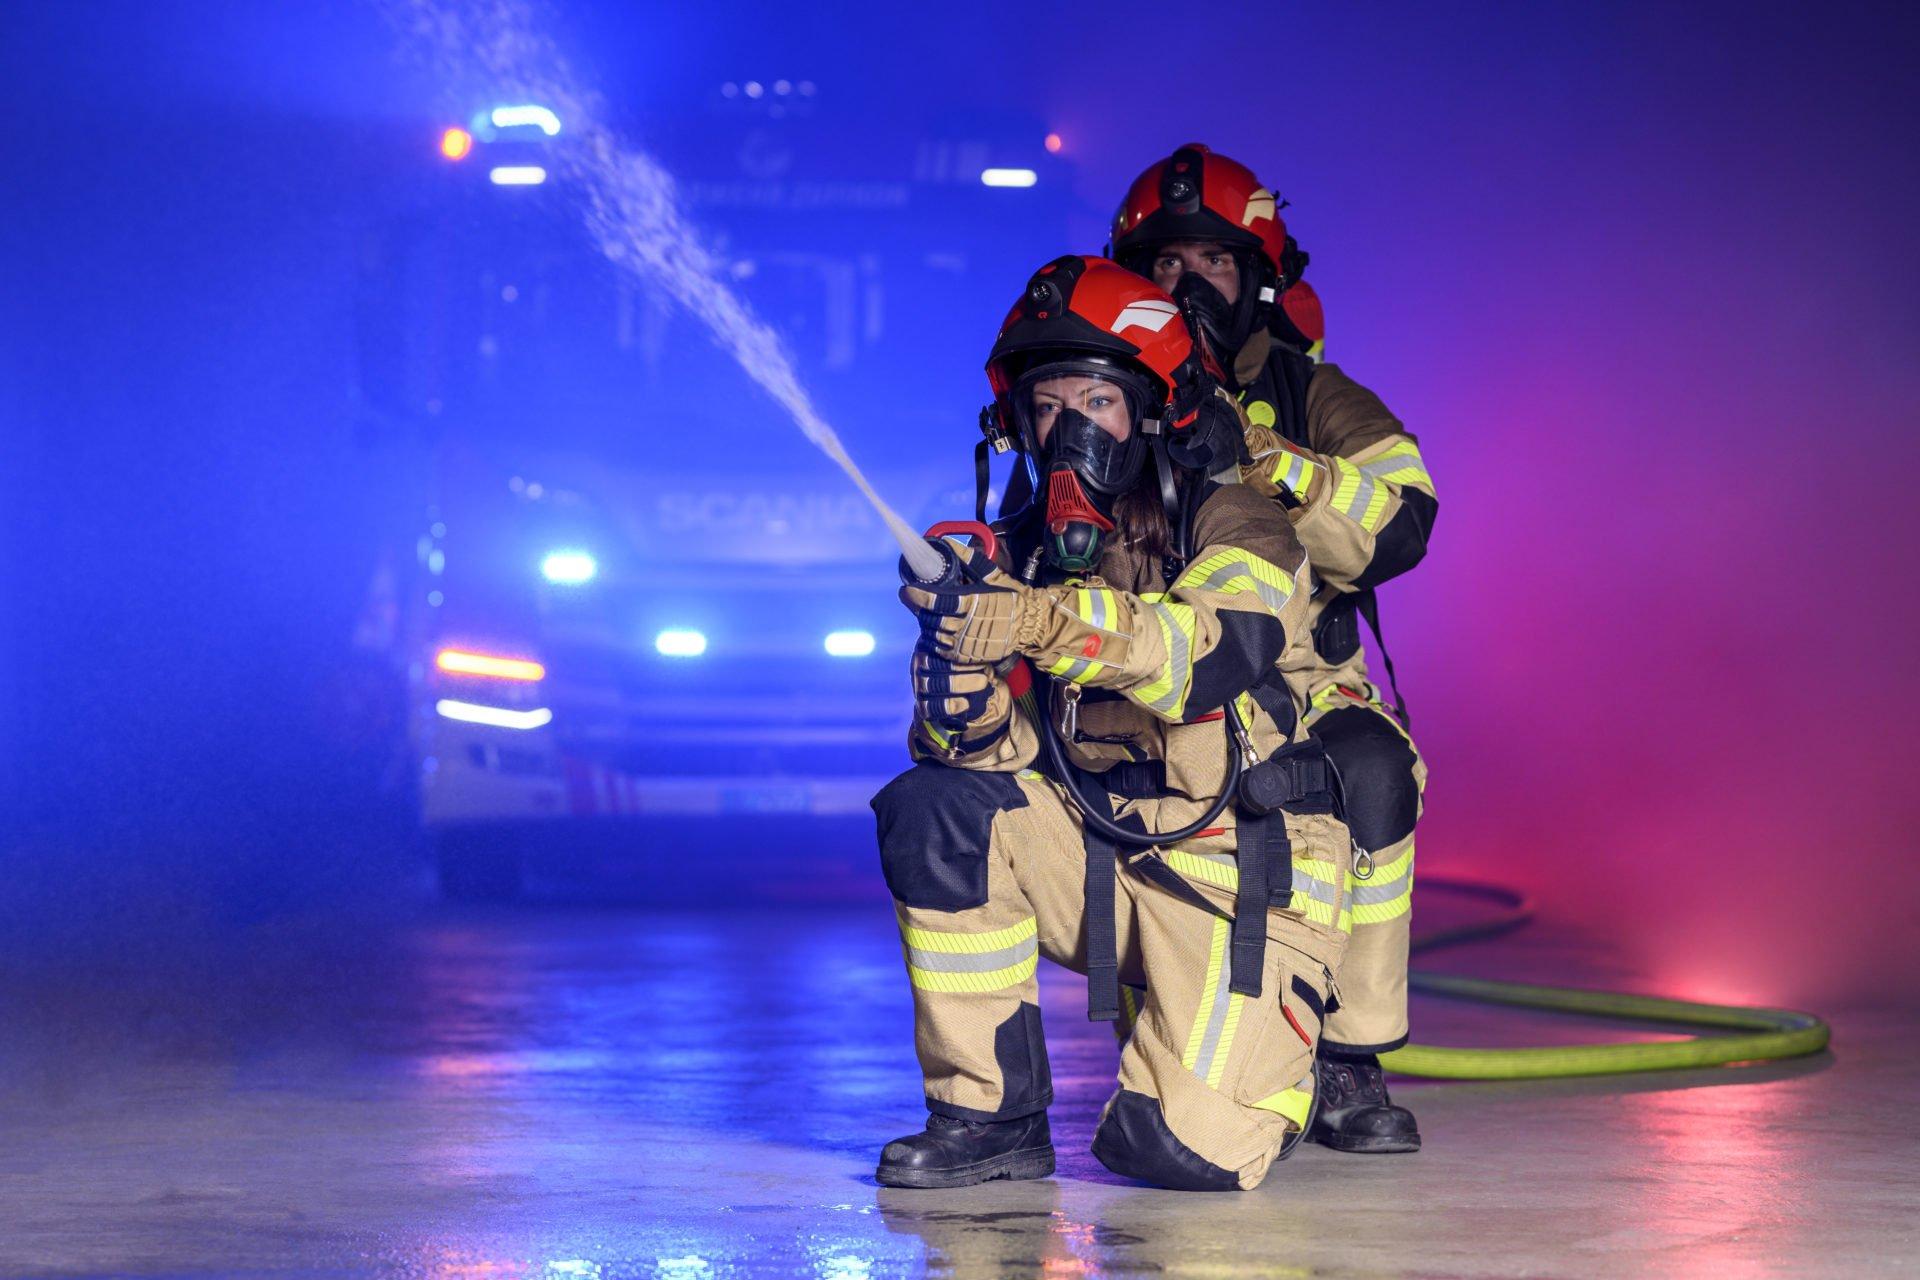 2 Feuerwehrmännder in Unfiform nd Feuerwehrschlauch